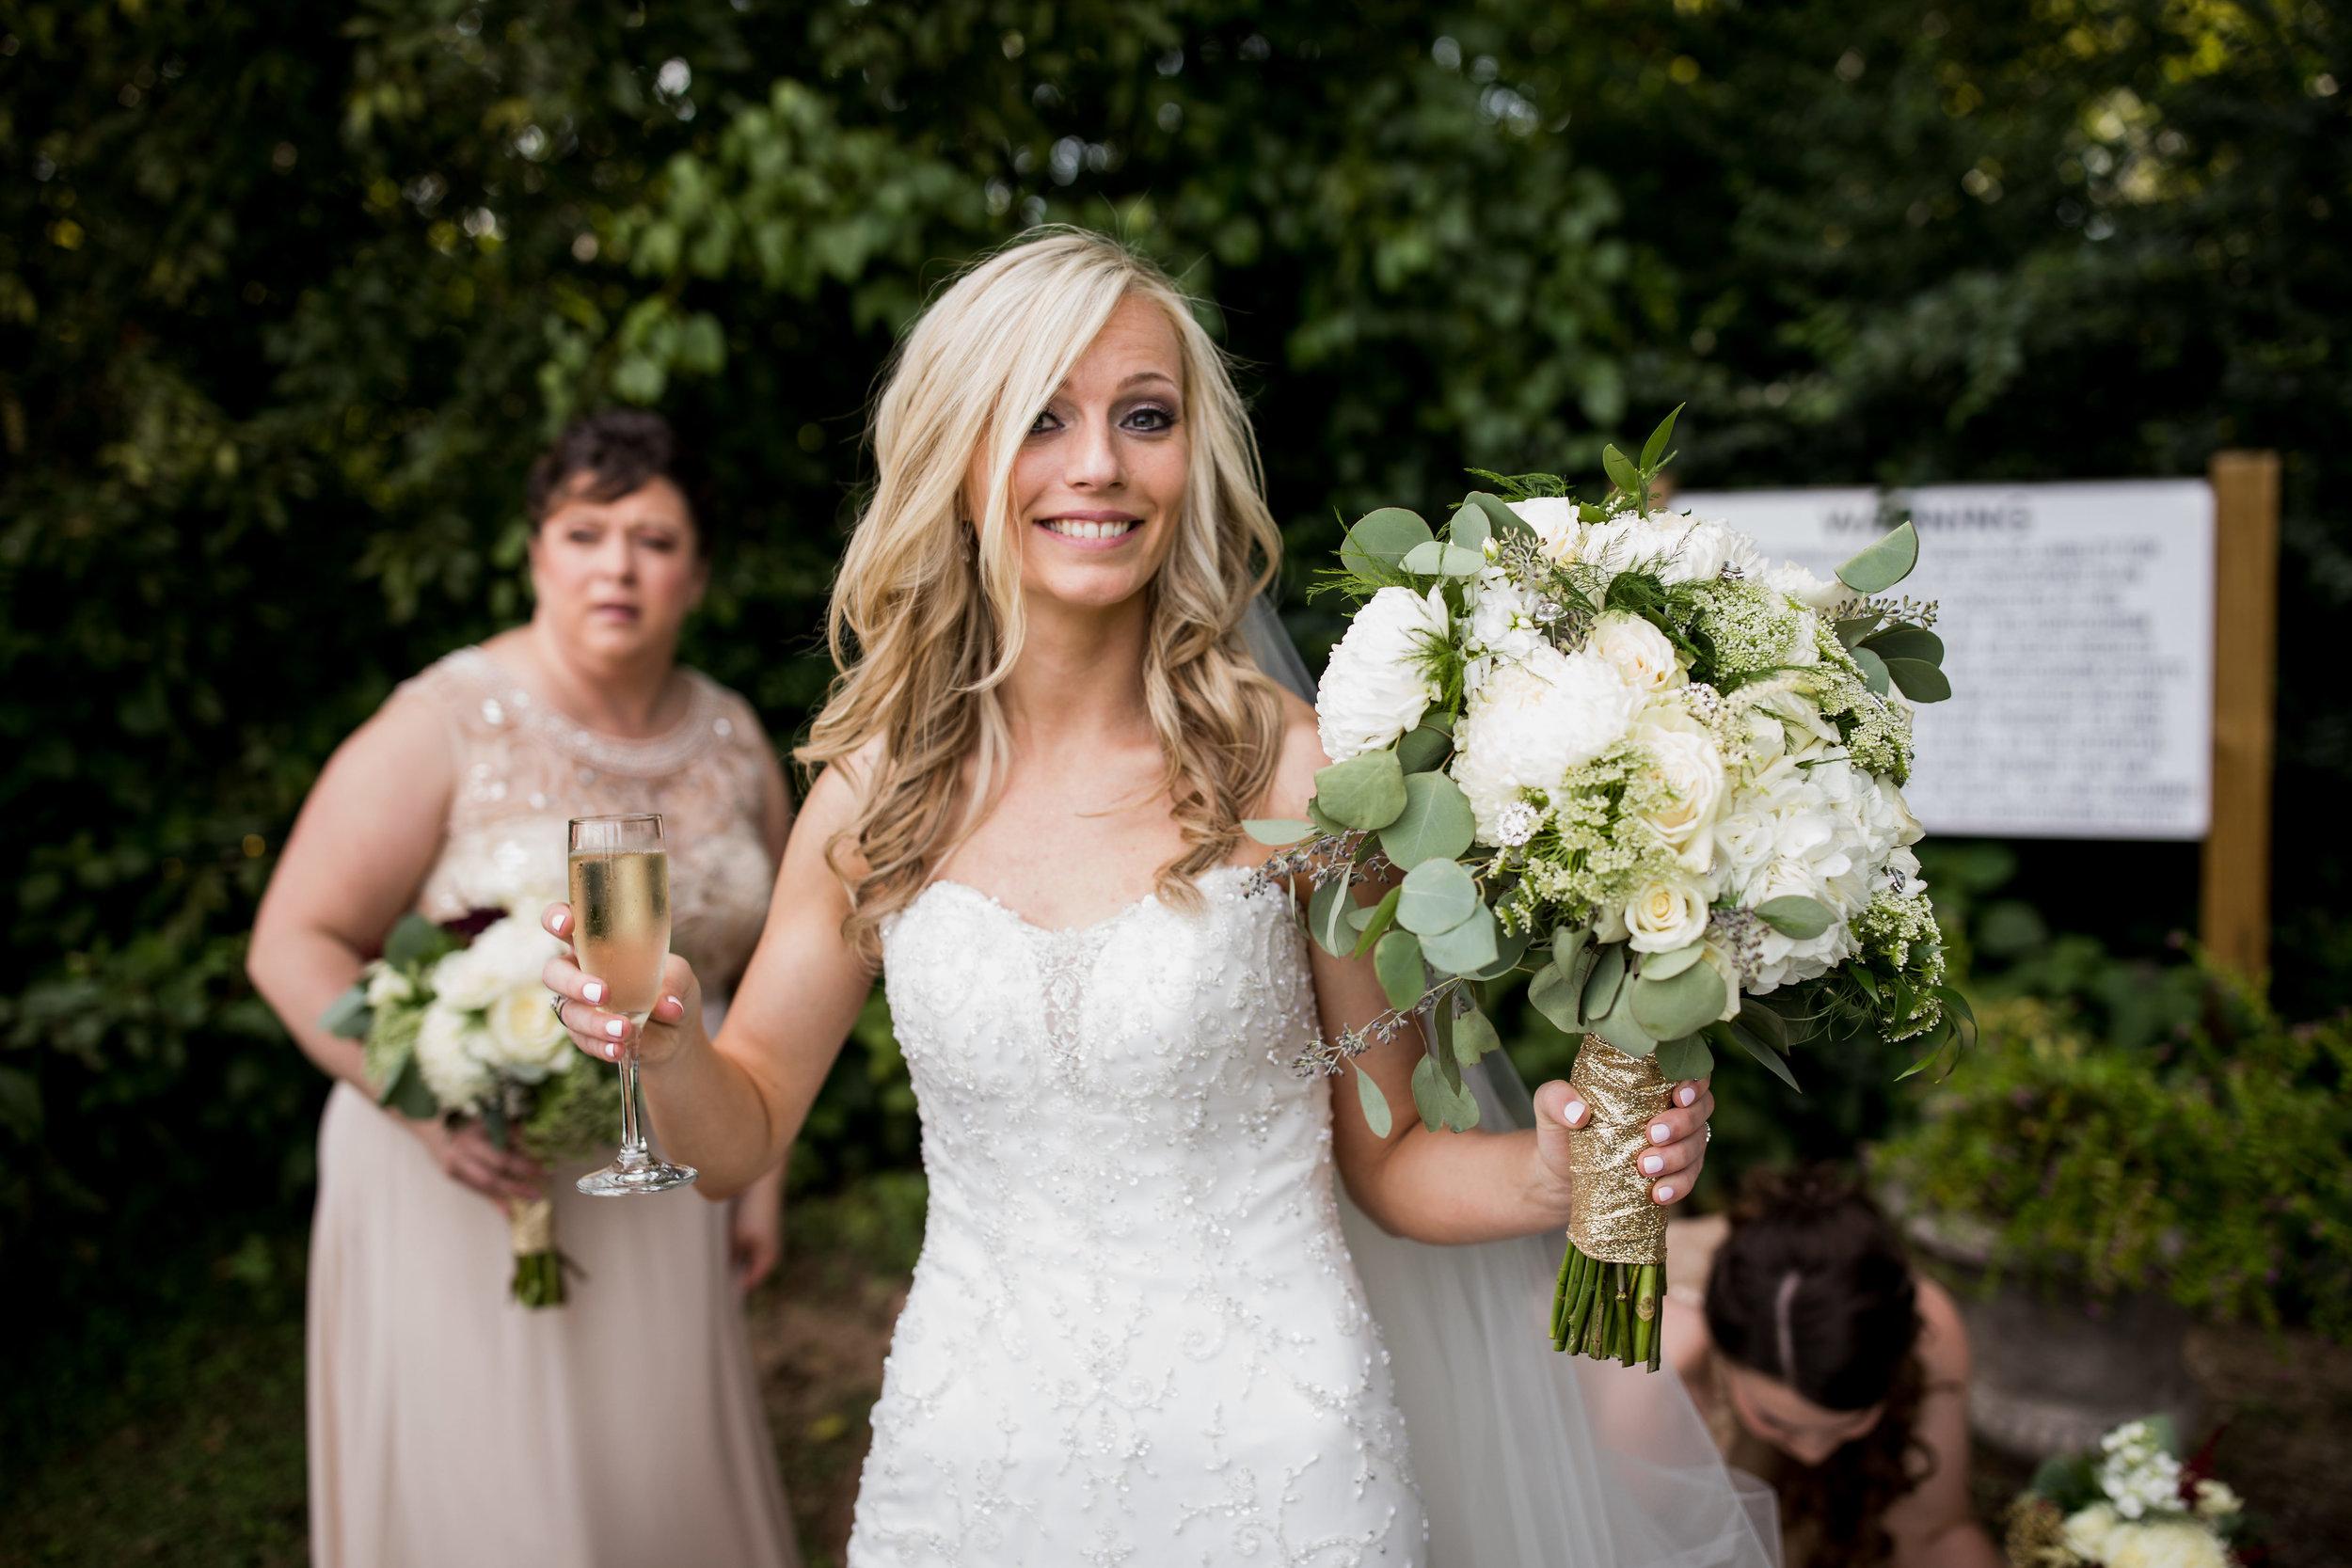 Meadow-Hill-Farm-Wedding 23.jpg